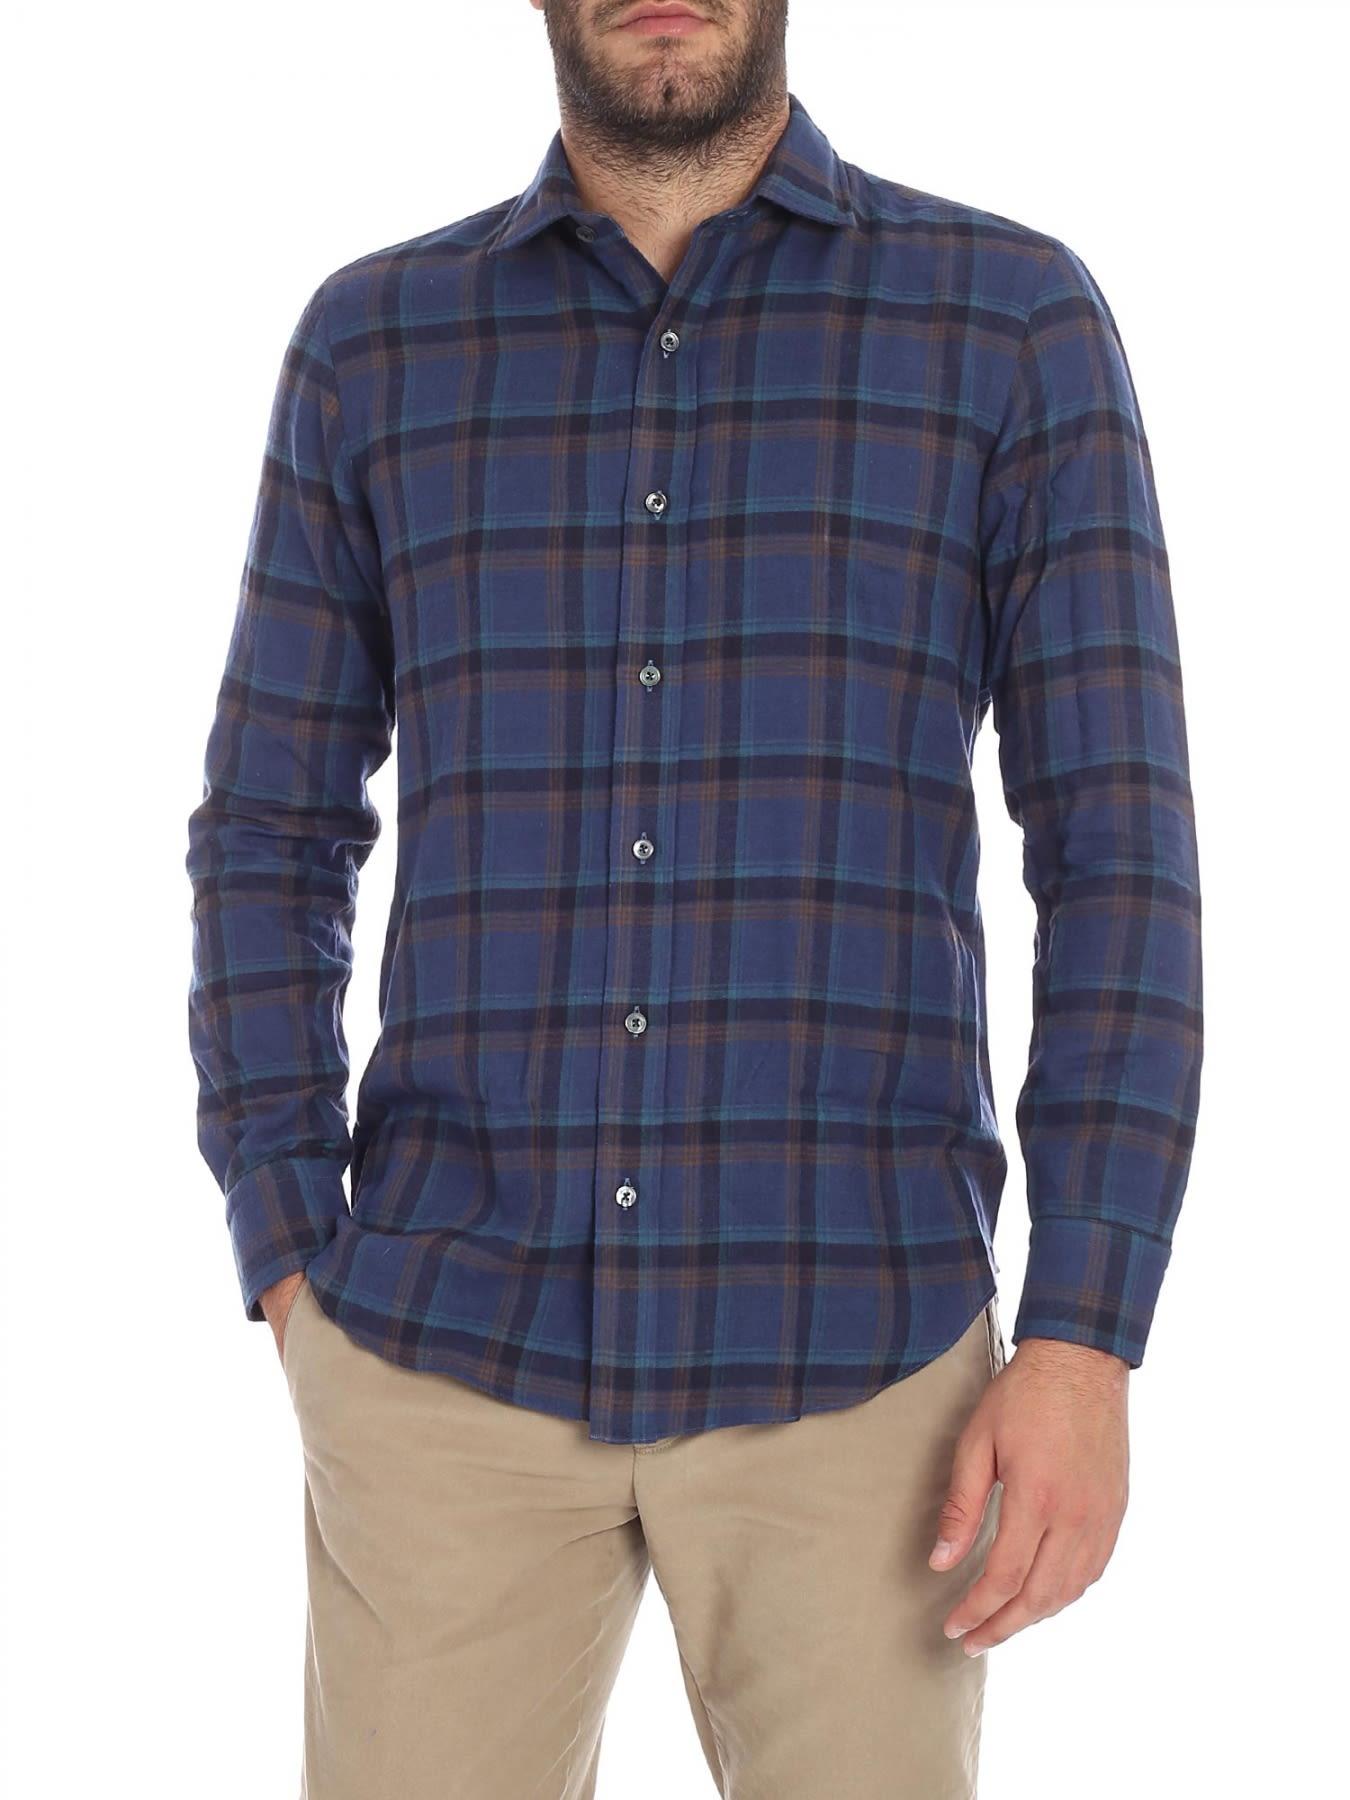 SALVATORE PICCOLO Shirt Flannel in Blue